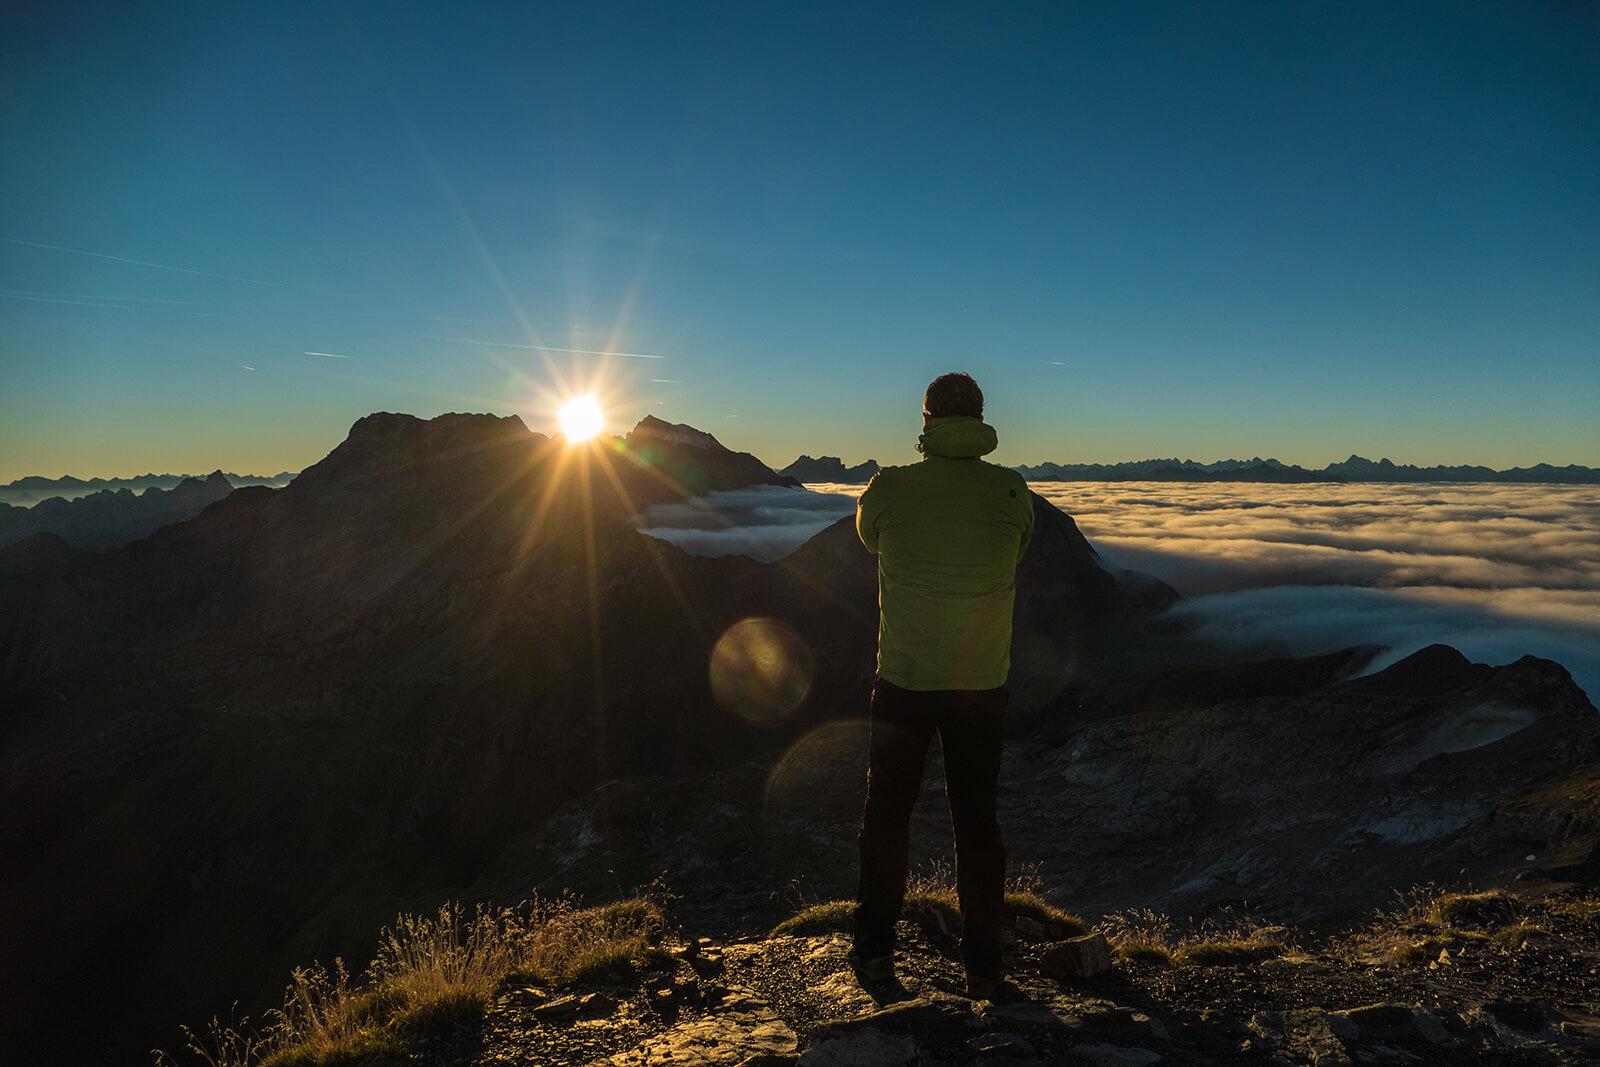 Sunrise at Naafkopf in Liechtenstein